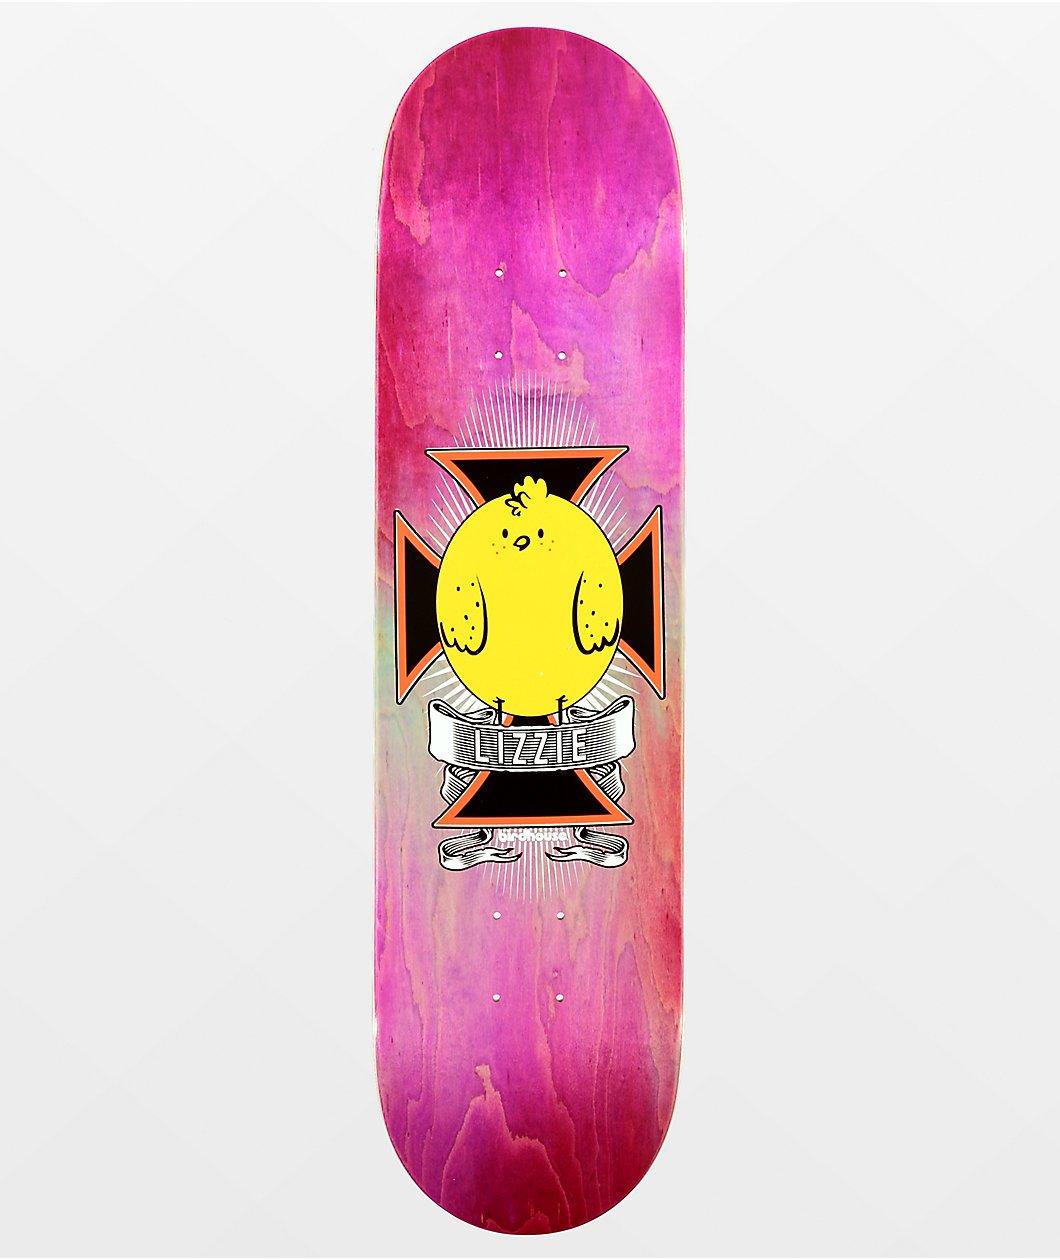 Birdhouse Lizzie Chickpea 8.0 x 31.75 Skateboard Deck